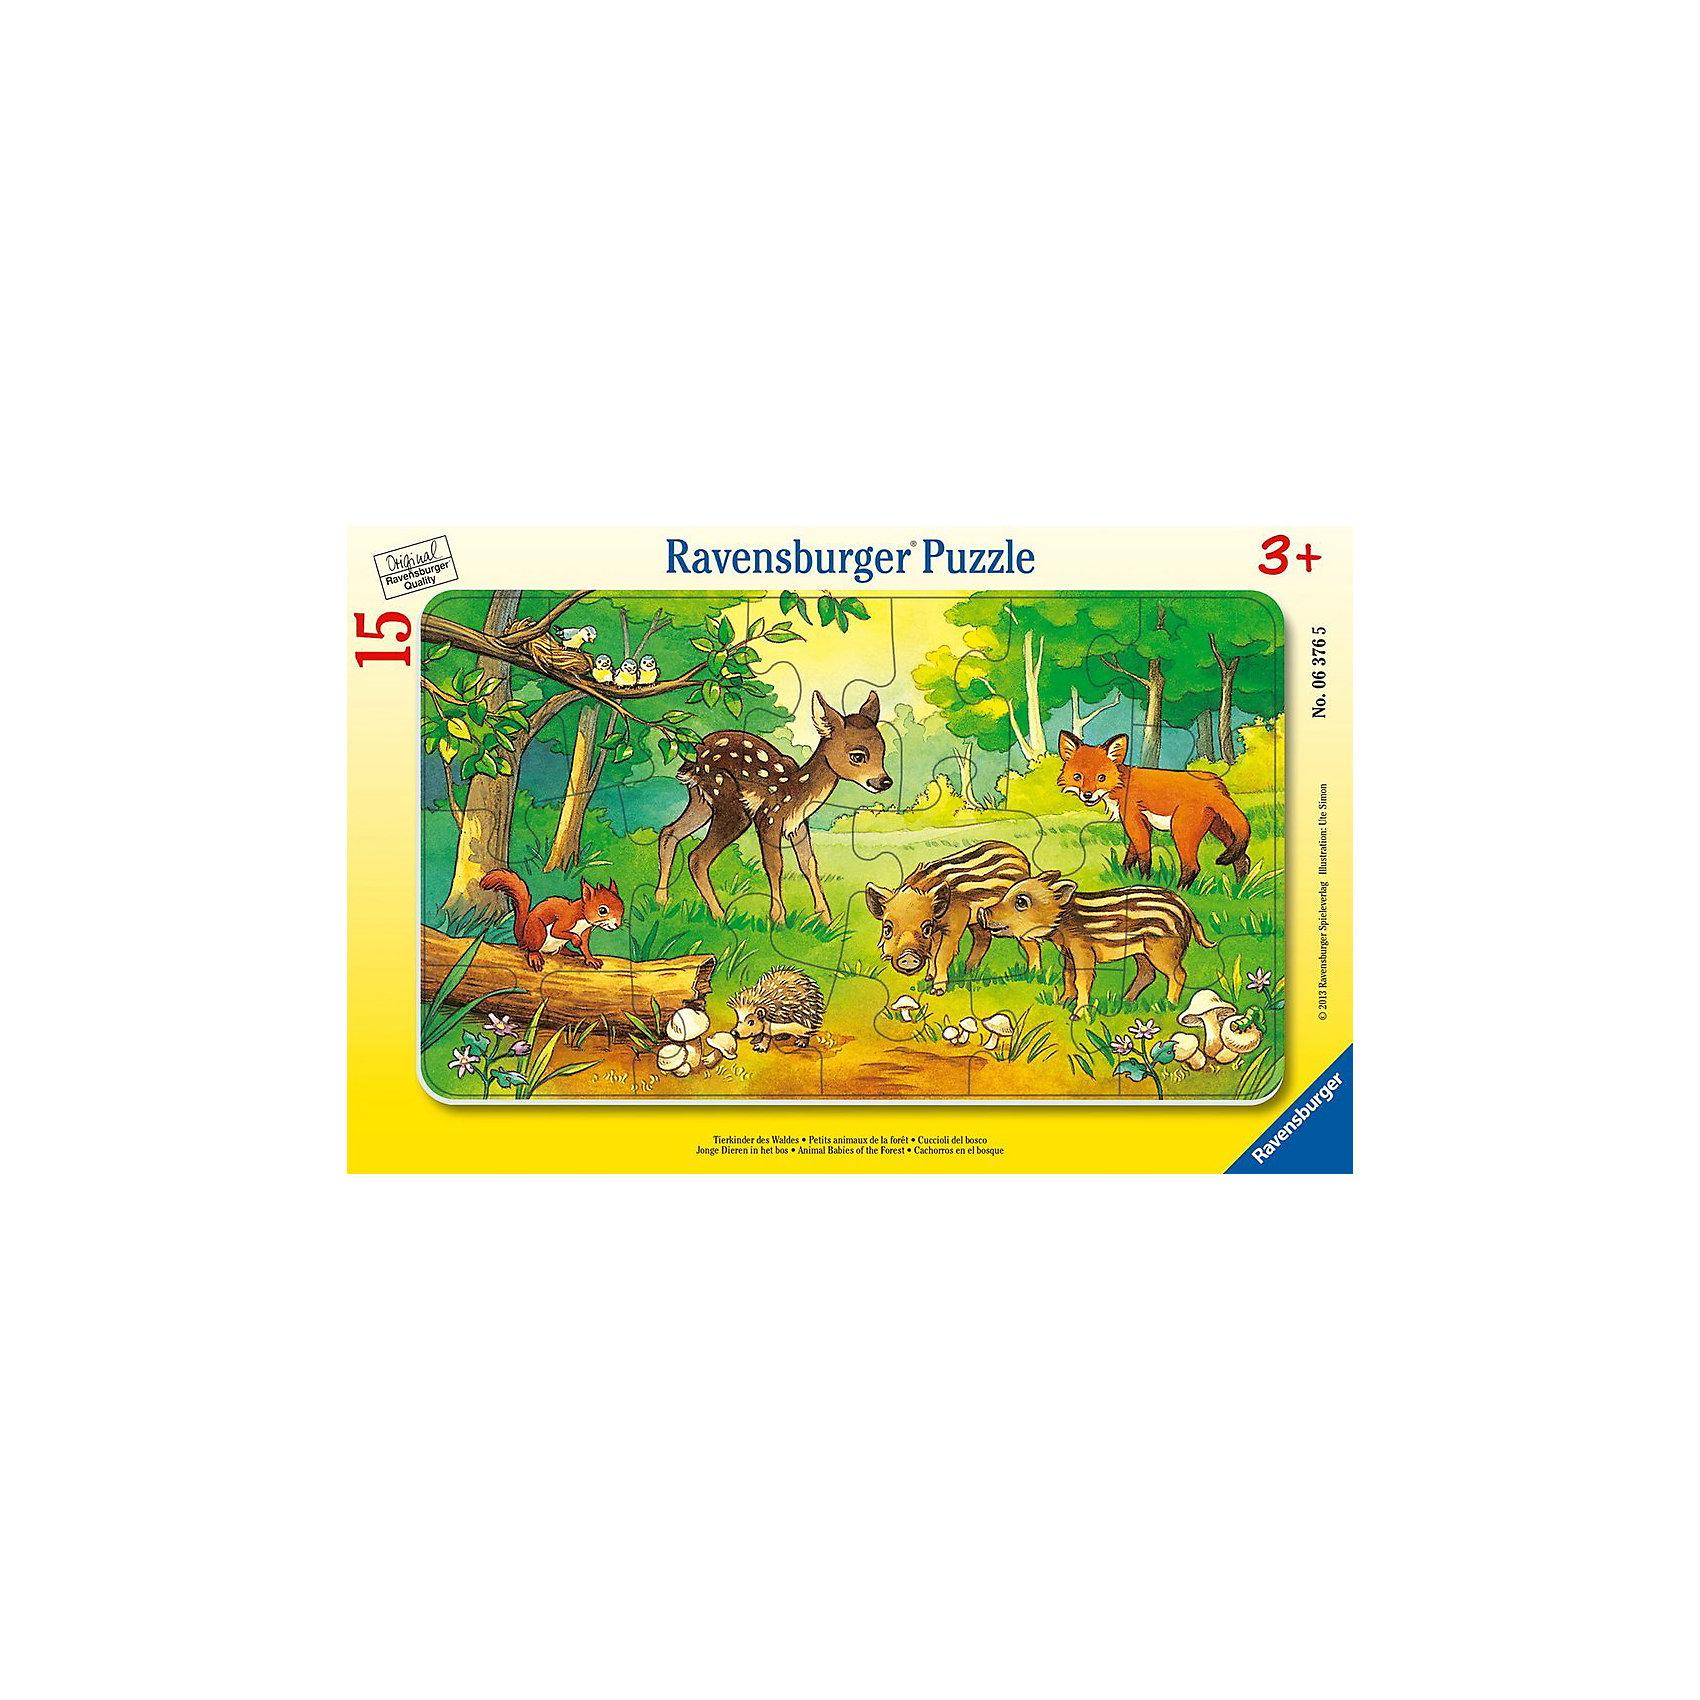 Пазл в рамке «Детеныши животных в лесу», 15 деталей, RavensburgerПазл в рамке Детёныши животных в лесу - это отличный способ развития для вашего ребёнка. Красивый лесной пейзаж и милые зверята( олененок, ежонок, бельчонок, два кабанчика и лисенок ) вызовут у ребенка положительные эмоции. Пазл оснащен достаточно яркими элементами, все они выполнены из качественного картона. Эту развивающую игрушку удобно собирать, все детали легко вписываются в единую картинку, которая не потеряет свой цвет и еще долго будет радовать глаз вашего малыша. Данный пазл развивает у детей моторику рук, память, наблюдательность, усидчивость, восприятие картинки, а также любовь к животному миру и природе. Пазл в рамке станет не только полезным, но и интересным подарком для вашего ребёнка.<br><br>В пазл входит:<br>-15 деталей<br><br>Дополнительная информация<br>-Размер картинки – 25*14,5 см <br>-Размер упаковки – 29,5*19 см<br>-Возраст: от 3 лет<br>-Для мальчиков и девочек<br>-Состав: картон, бумага<br>-Бренд: Ravensburger (Равенсбургер)<br>-Страна обладатель бренда: Германия<br><br>Ширина мм: 299<br>Глубина мм: 190<br>Высота мм: 5<br>Вес г: 155<br>Возраст от месяцев: 36<br>Возраст до месяцев: 60<br>Пол: Унисекс<br>Возраст: Детский<br>Количество деталей: 15<br>SKU: 3284559